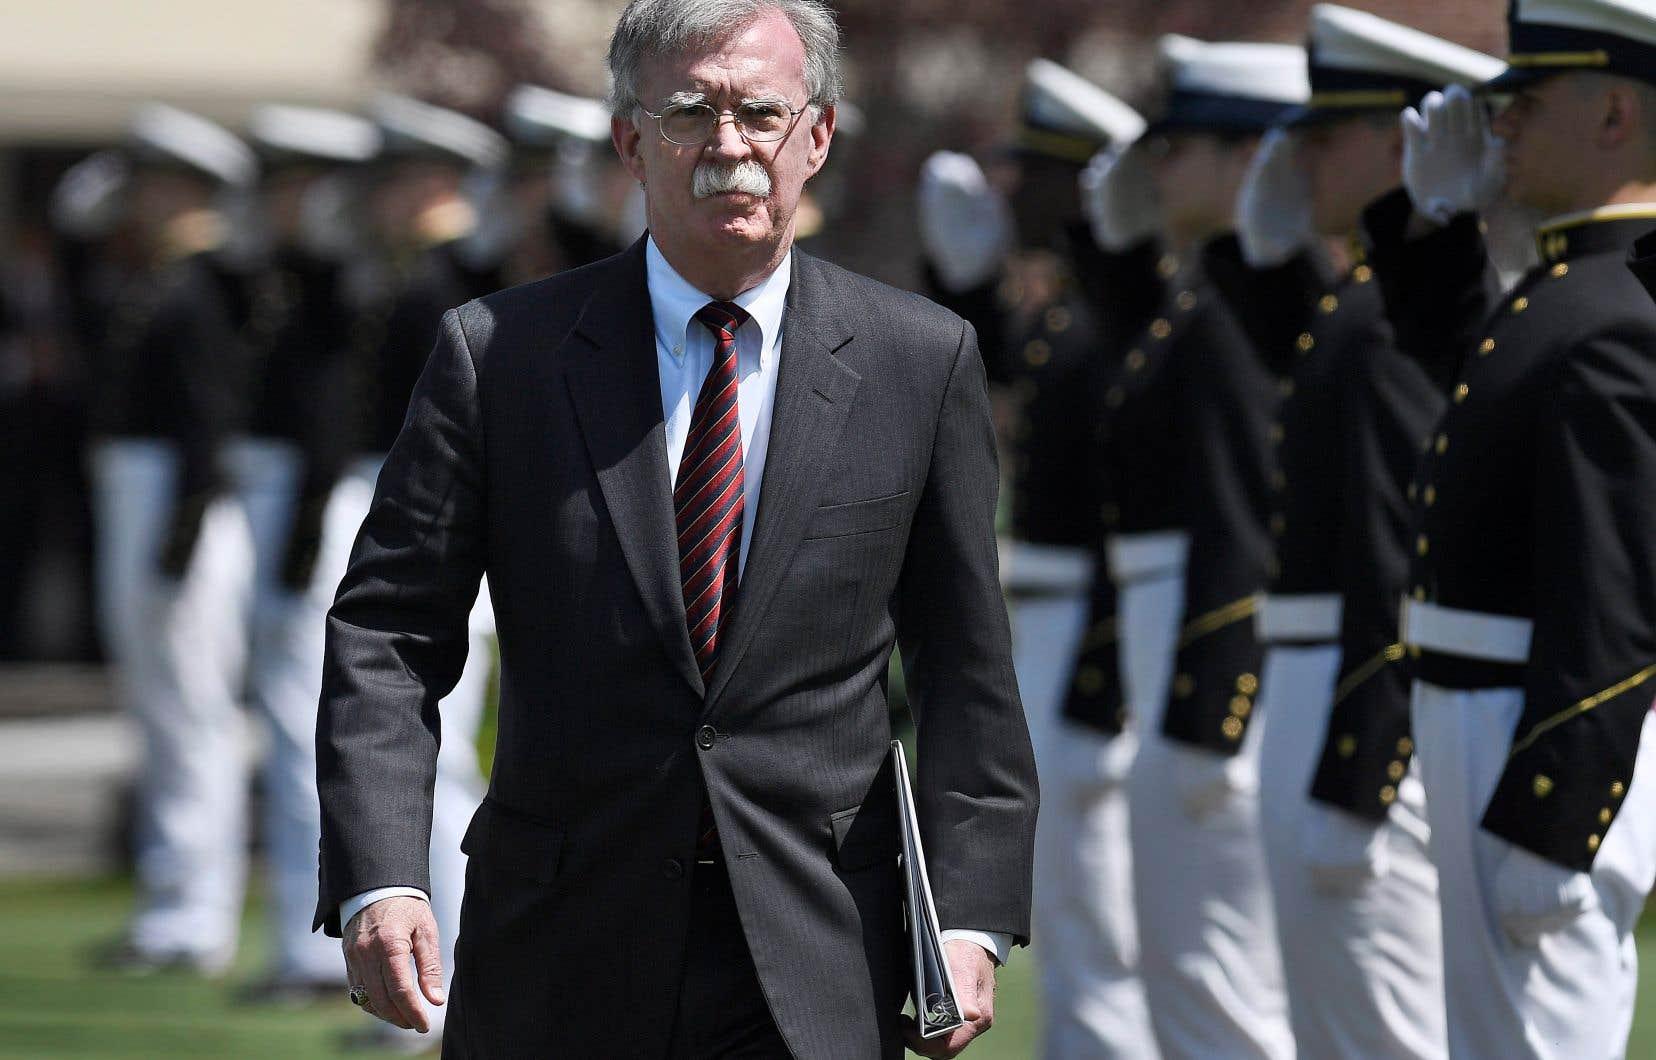 John Bolton n'a jamais bénéficié d'une relation personnelle forte avec Trump, contrairement à d'autres proches conseillers politiques, tels Stephen Miller et Jared Kushner.